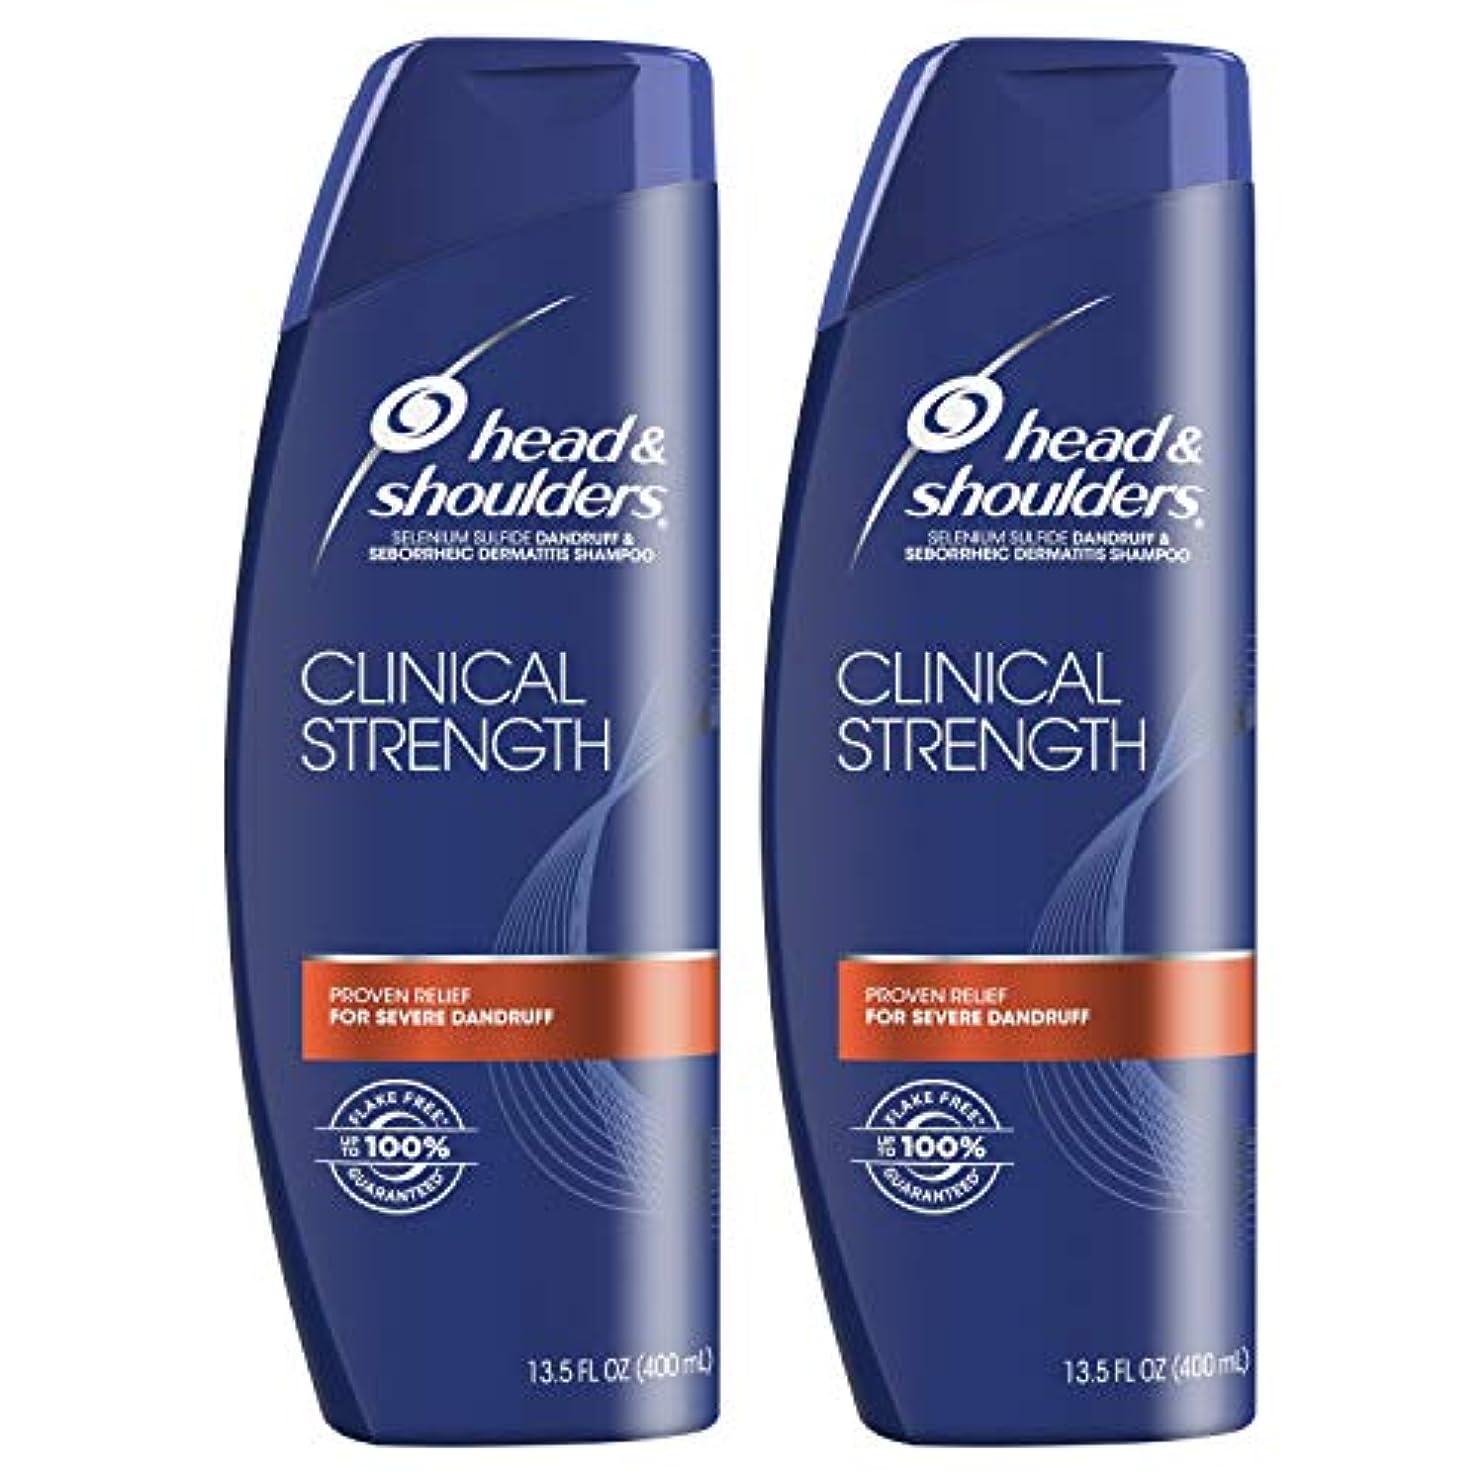 パン屋規定貢献Head and Shoulders Clinical Strength Dandruff and Seborrheic Dermatitisシャンプー、13.5 FL OZ